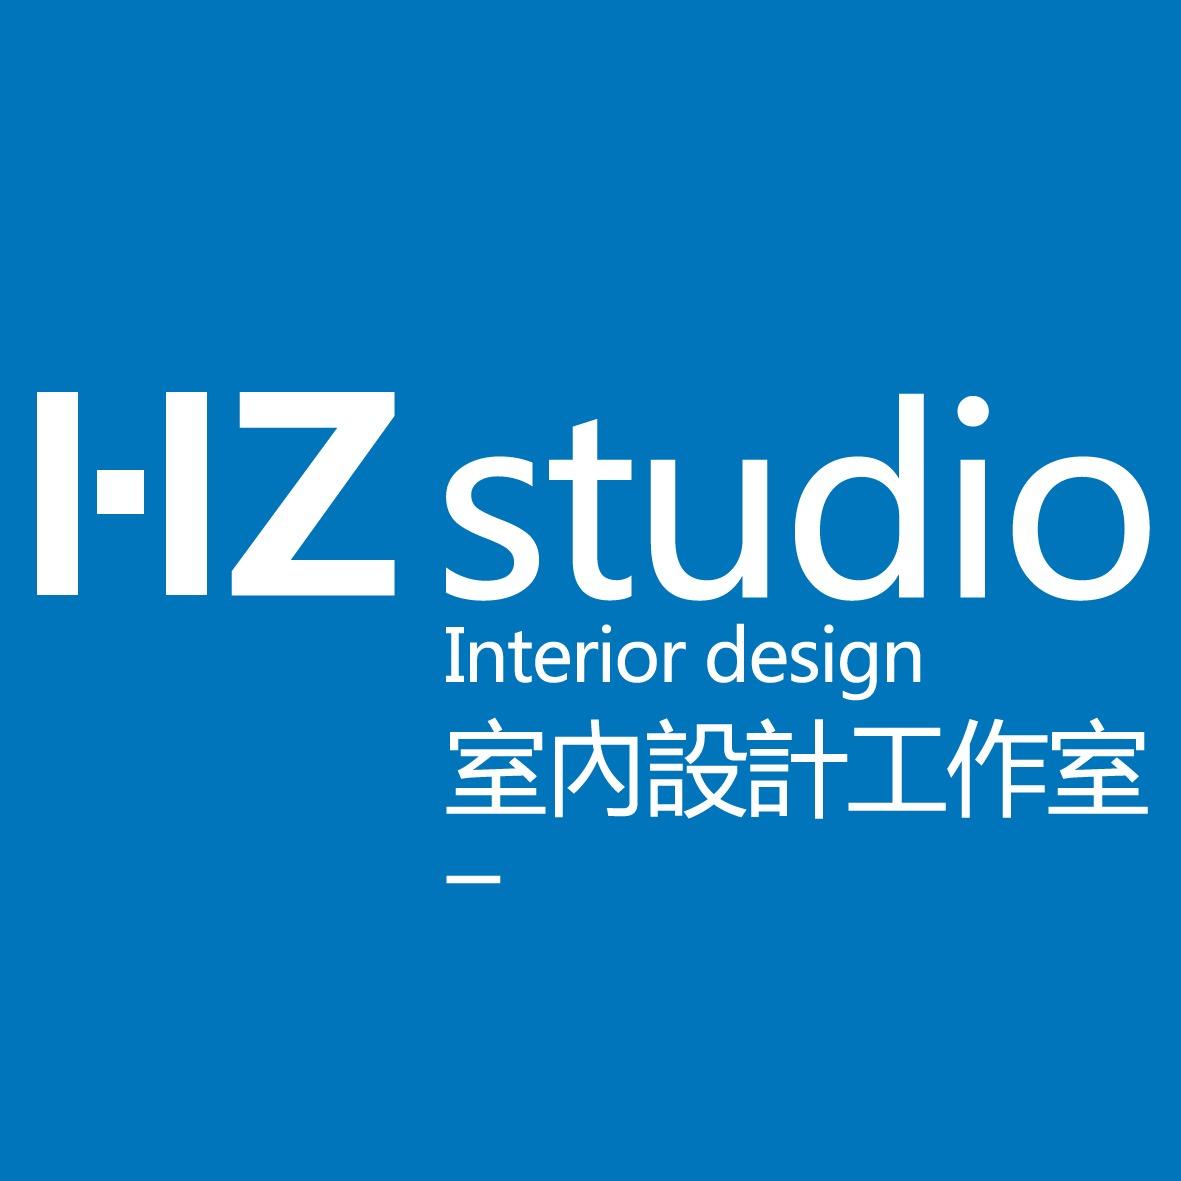 HZ studio室内设计工作室